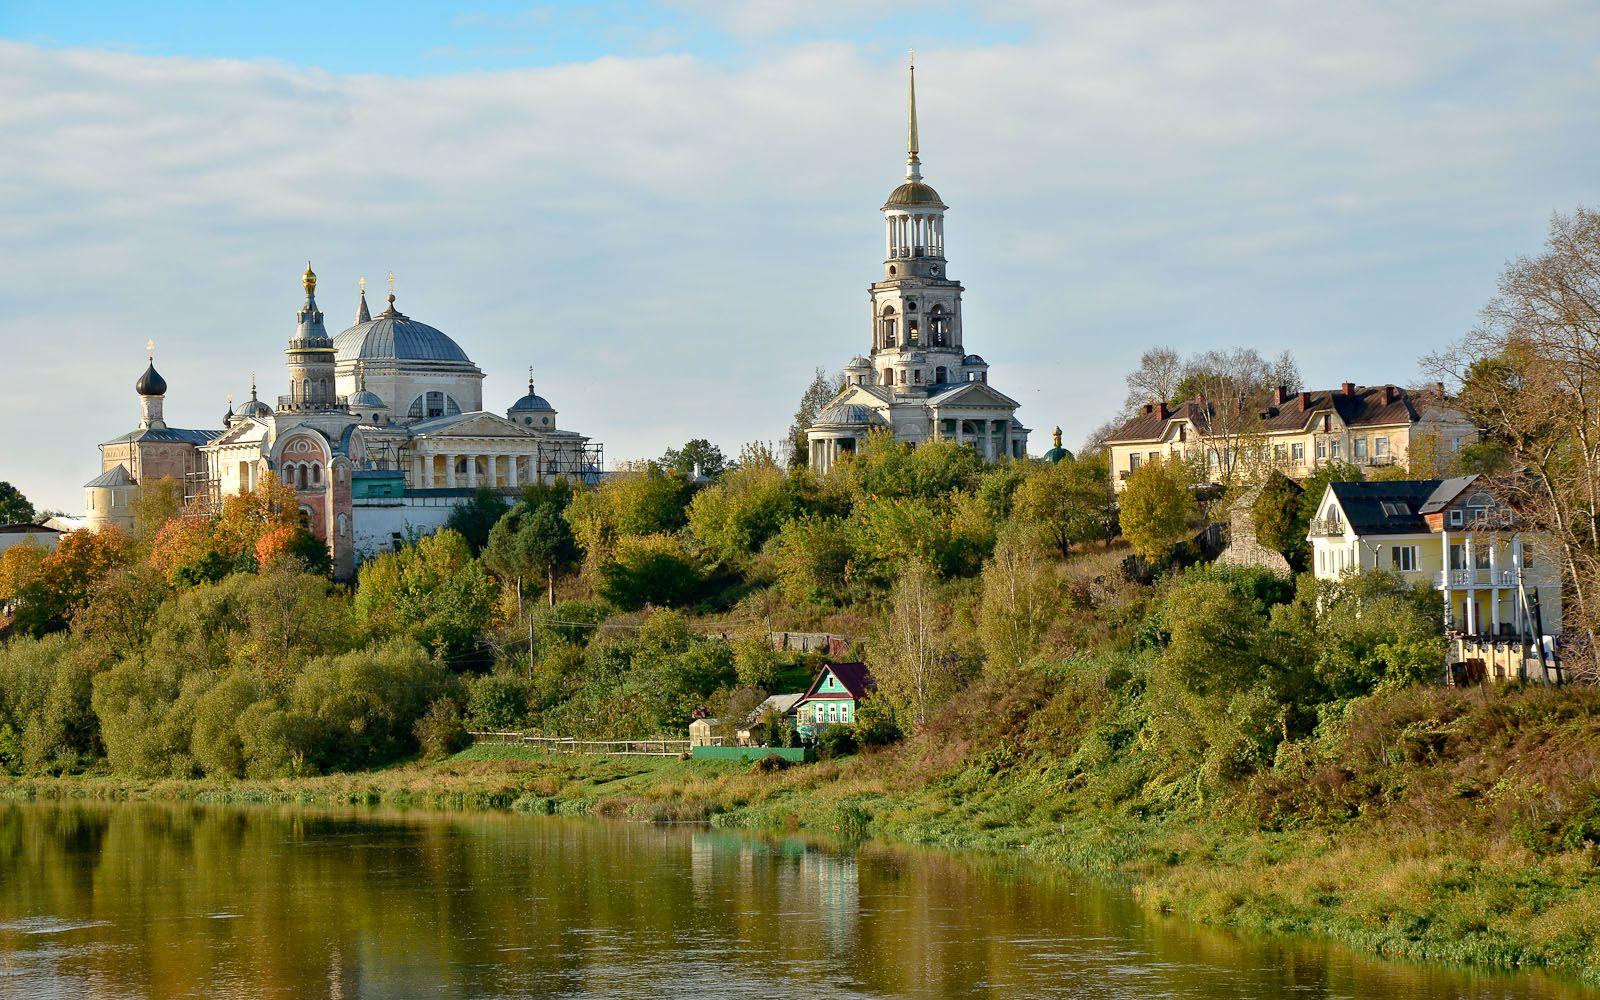 ©Foto: railmen Steffen Mann | Blick über die Wolga auf die altrussischen Kirchen, Klöster und Glockenturm von Torschok